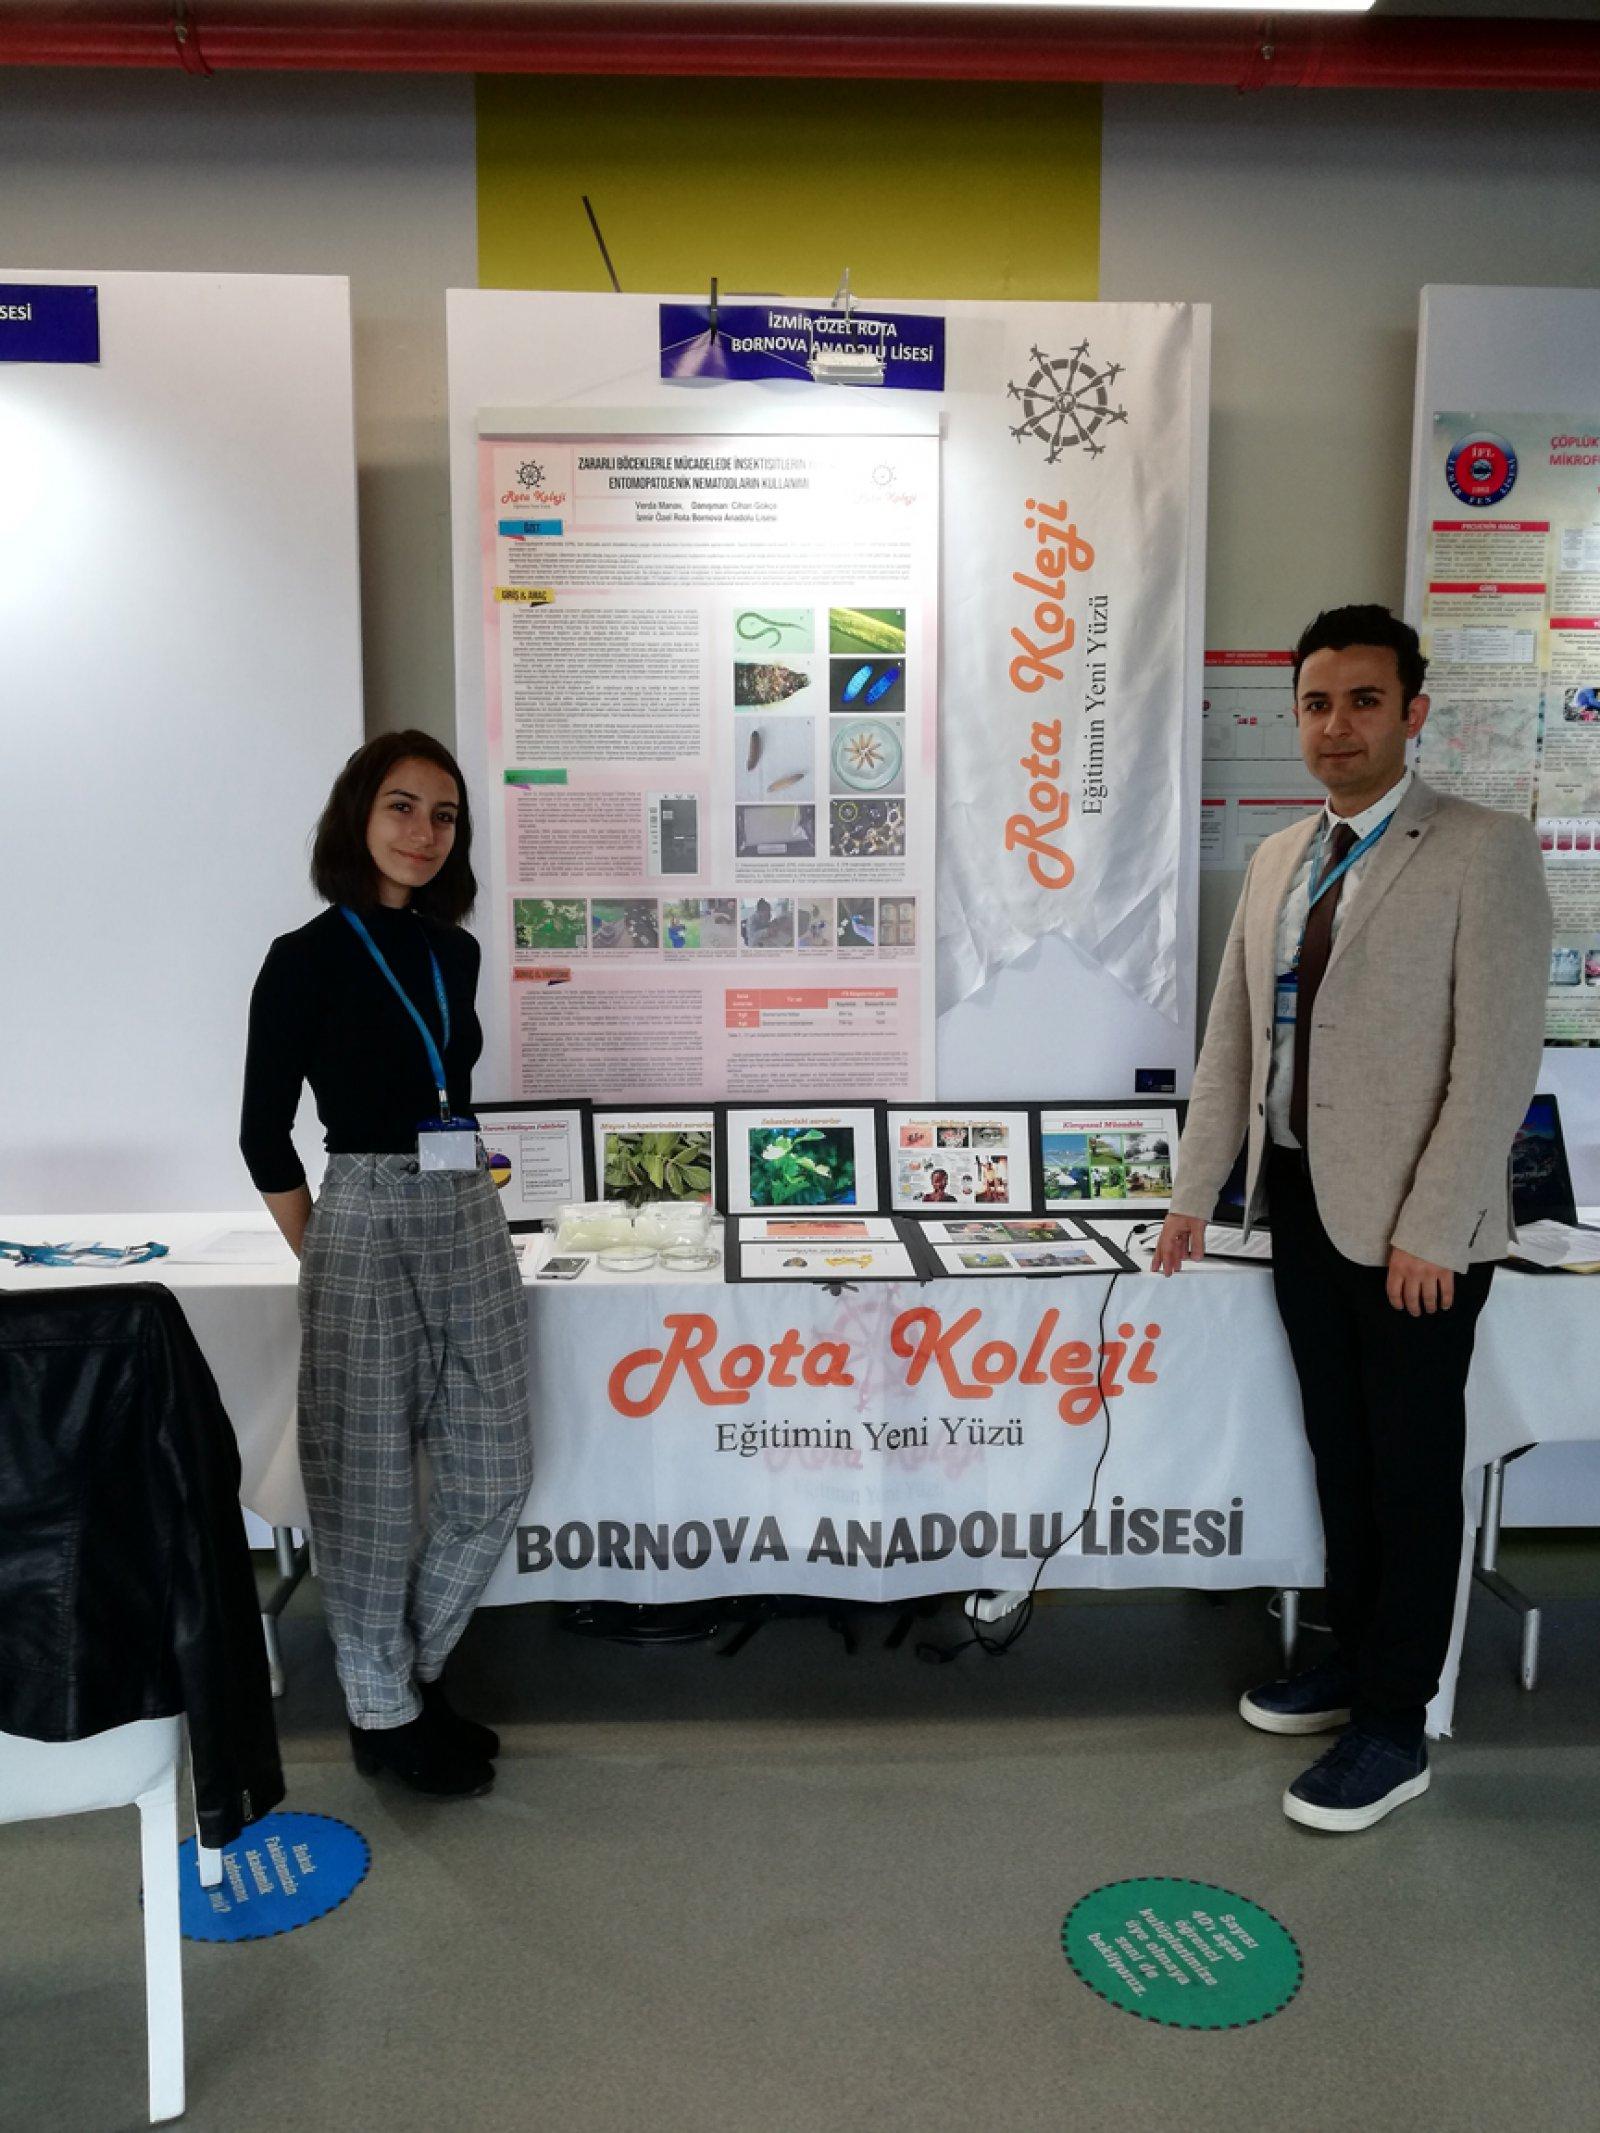 28. Uluslararası MEF Okulları Dr. İbrahim Arıkan Fen Bilimleri Araştırma Projeleri Yarışması